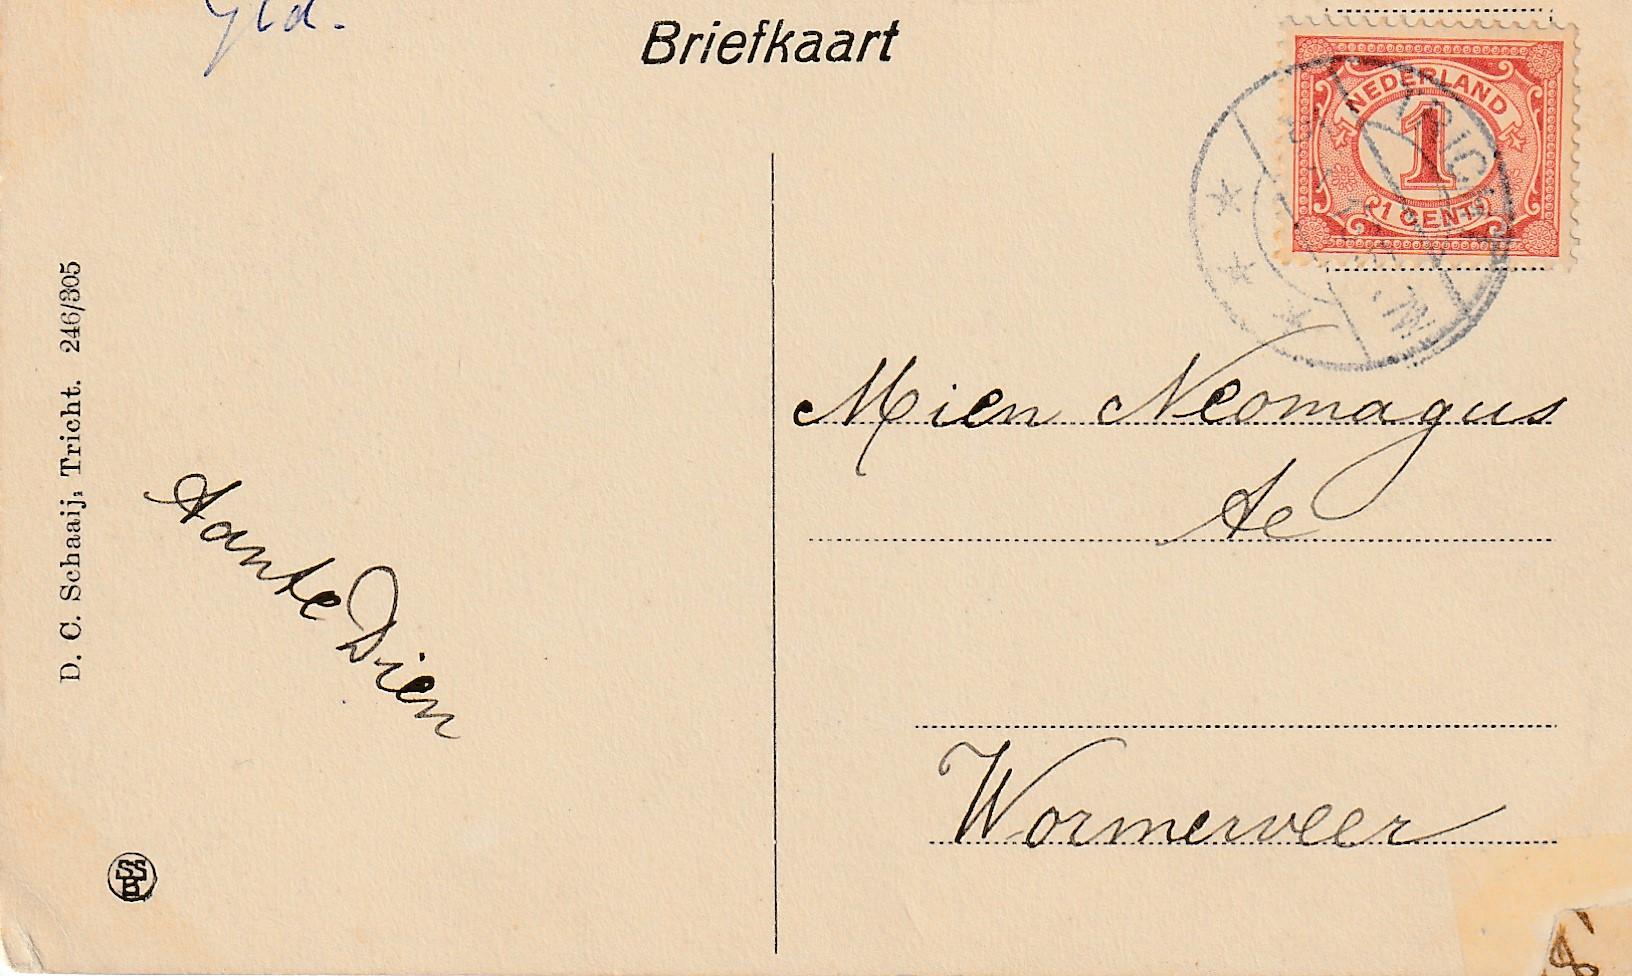 Ansichtkaart aan Mien, omstreeks 1912.